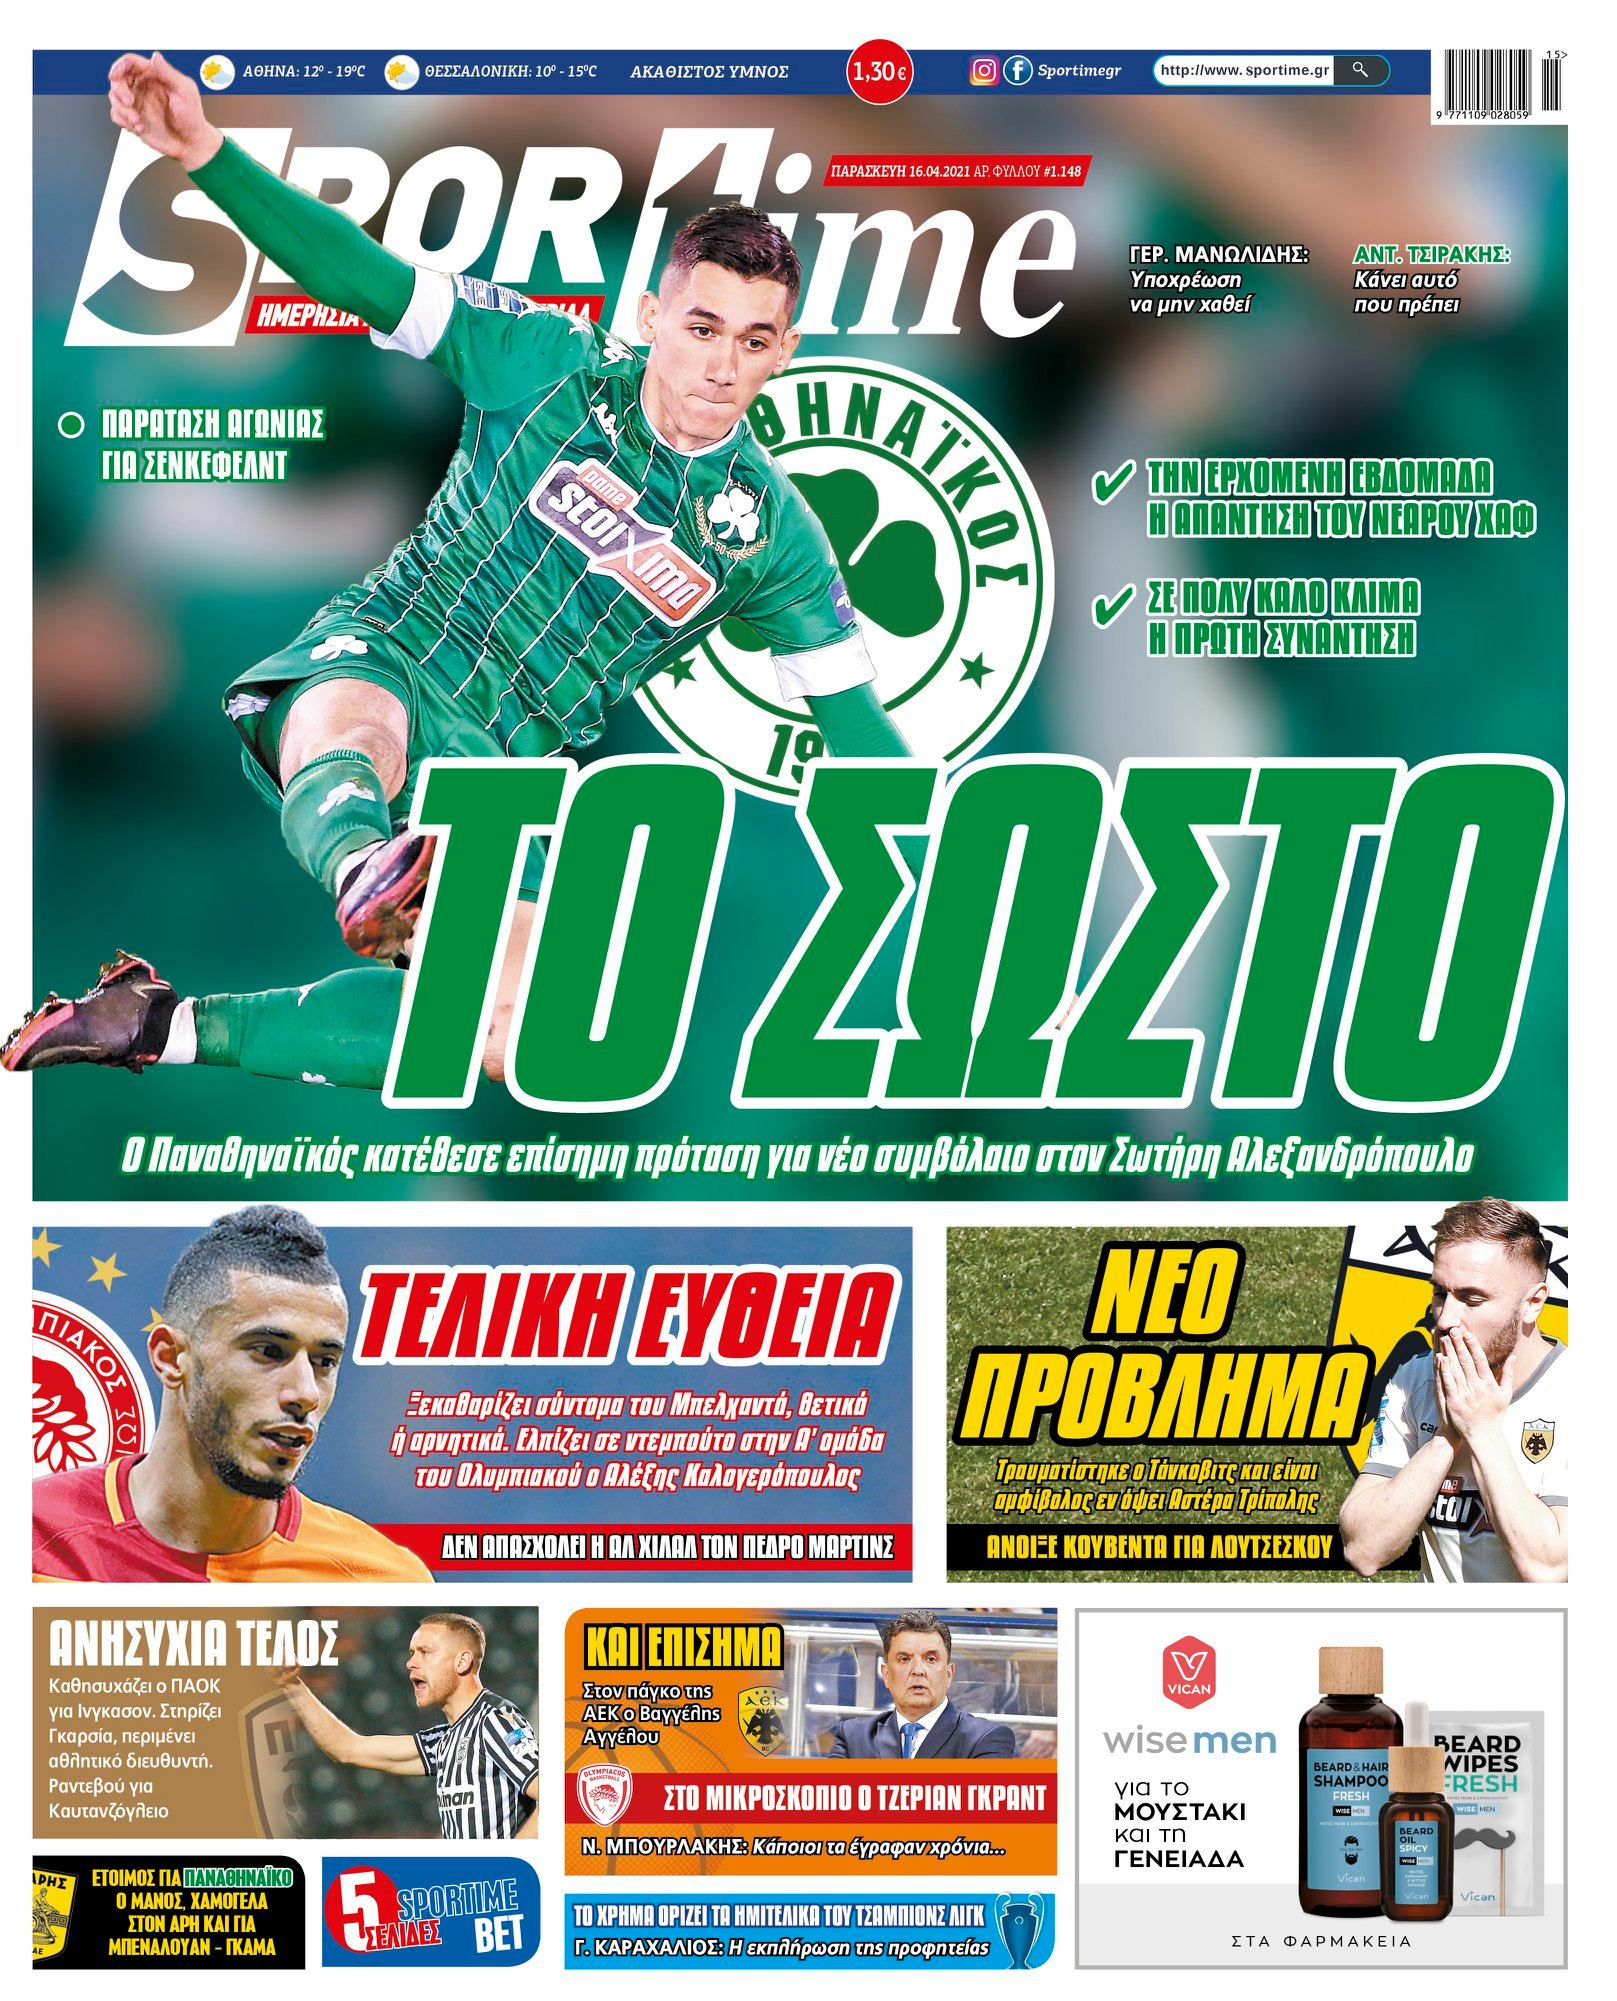 Εφημερίδα SPORTIME - Εξώφυλλο φύλλου 16/4/2021